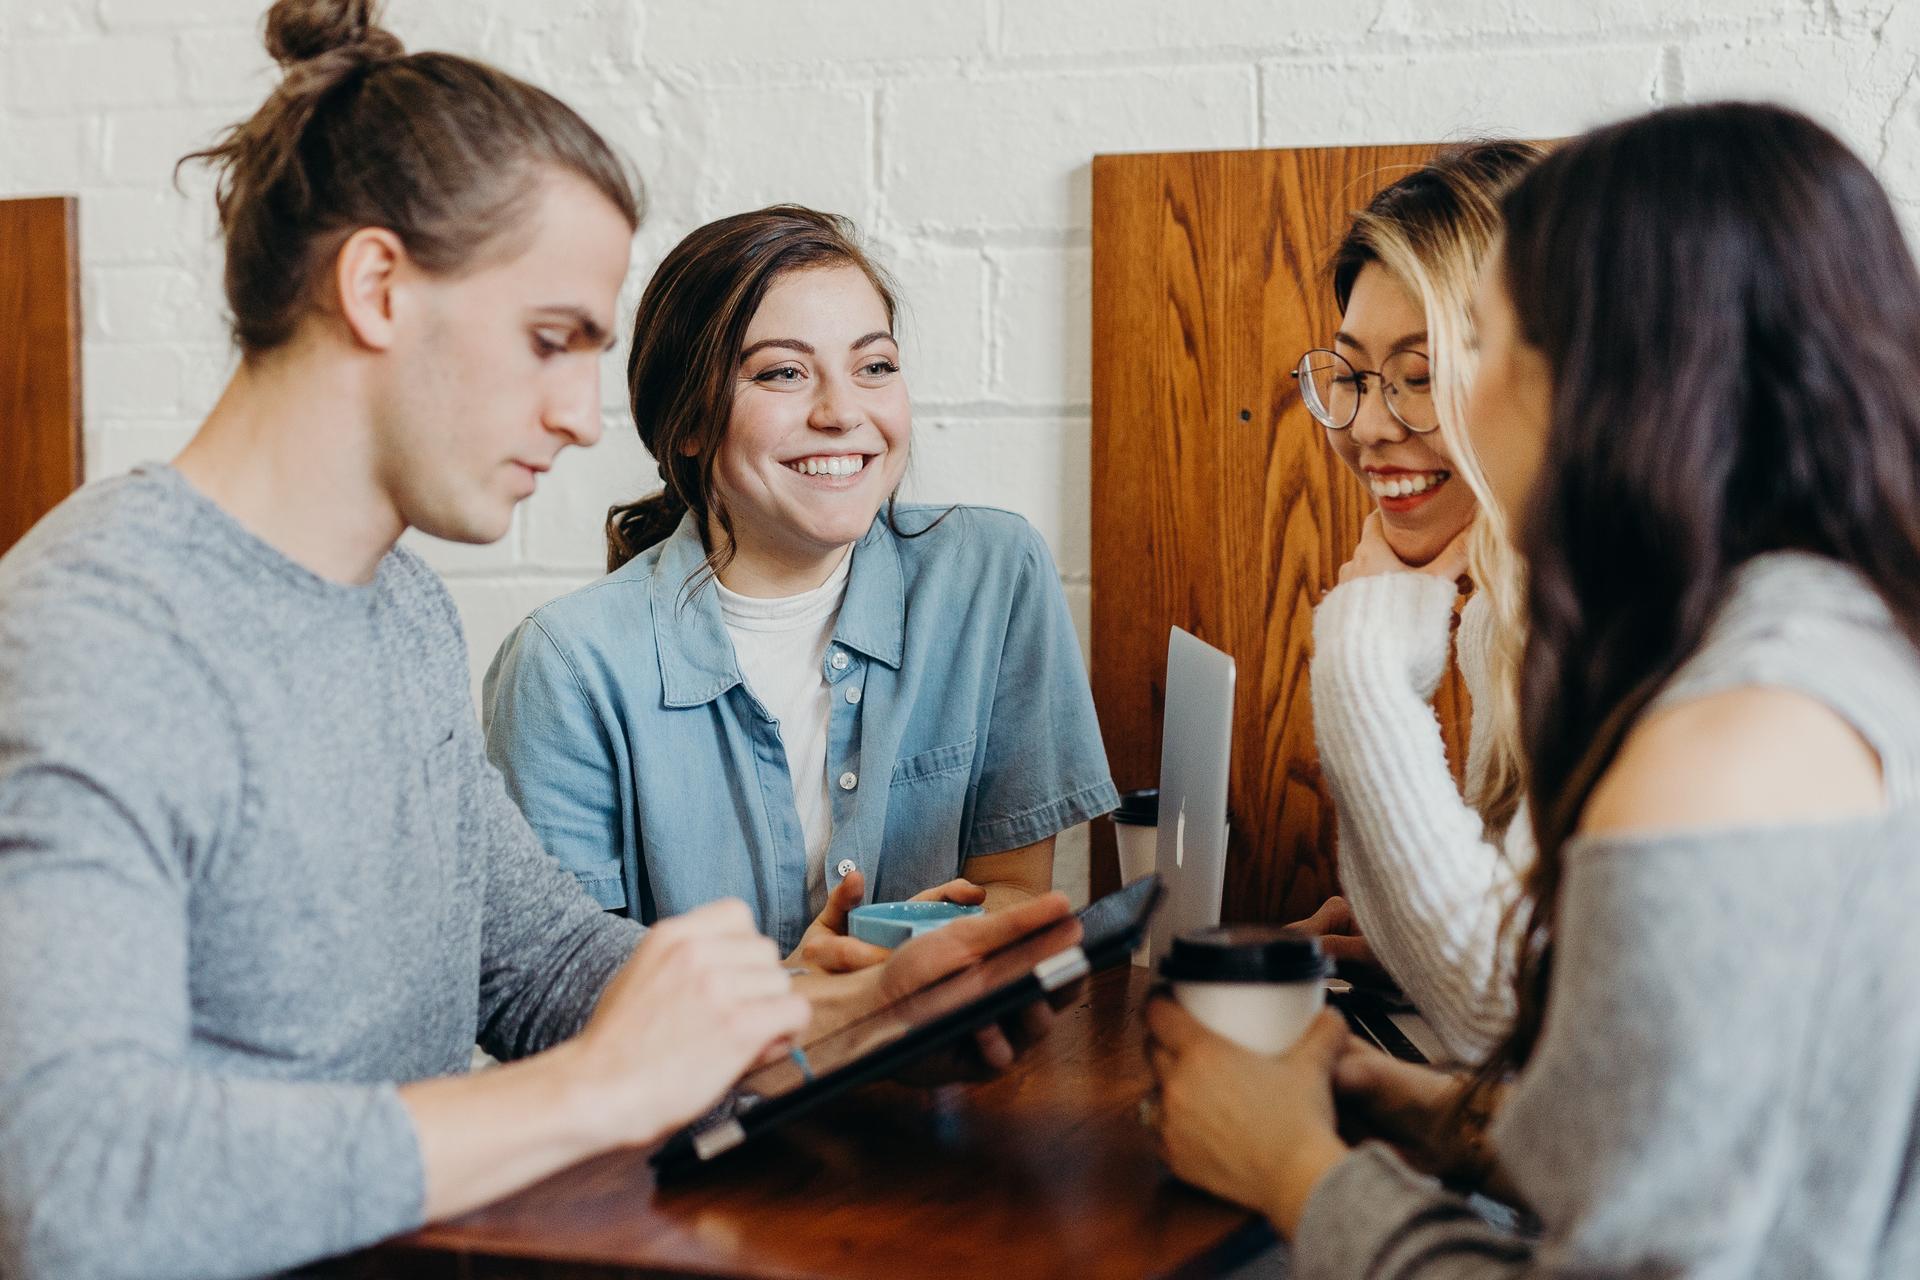 SOSIALARBEIDERPRISEN: Hvem blir årets sosialarbeider 2019?